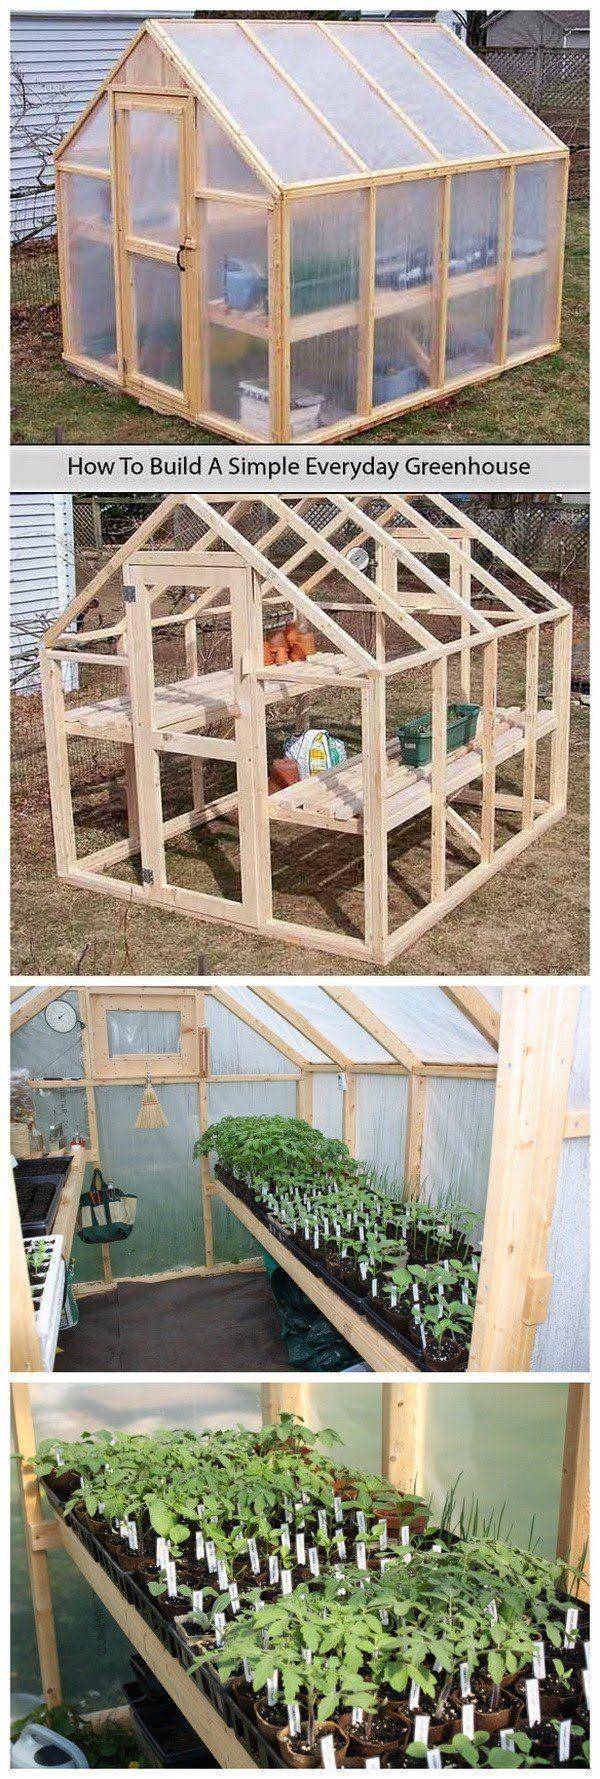 Ein Tutorial, um ein einfaches Alltagsgewächshaus mit einfacheren Sachen zu bauen – Hanno Böcker